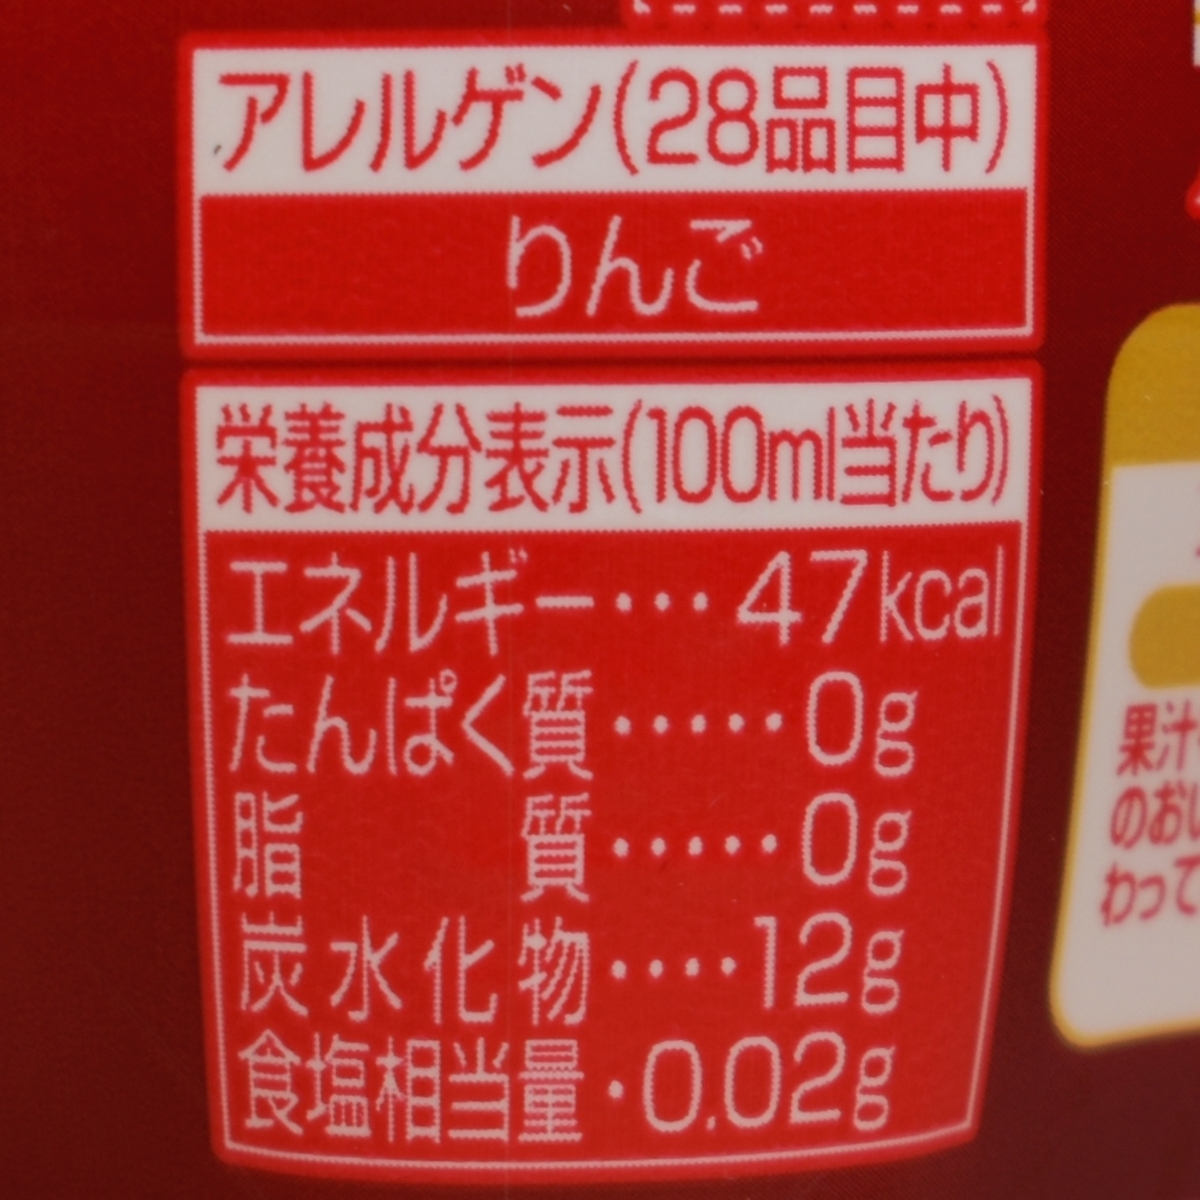 三ツ矢芳醇りんご,栄養成分表示